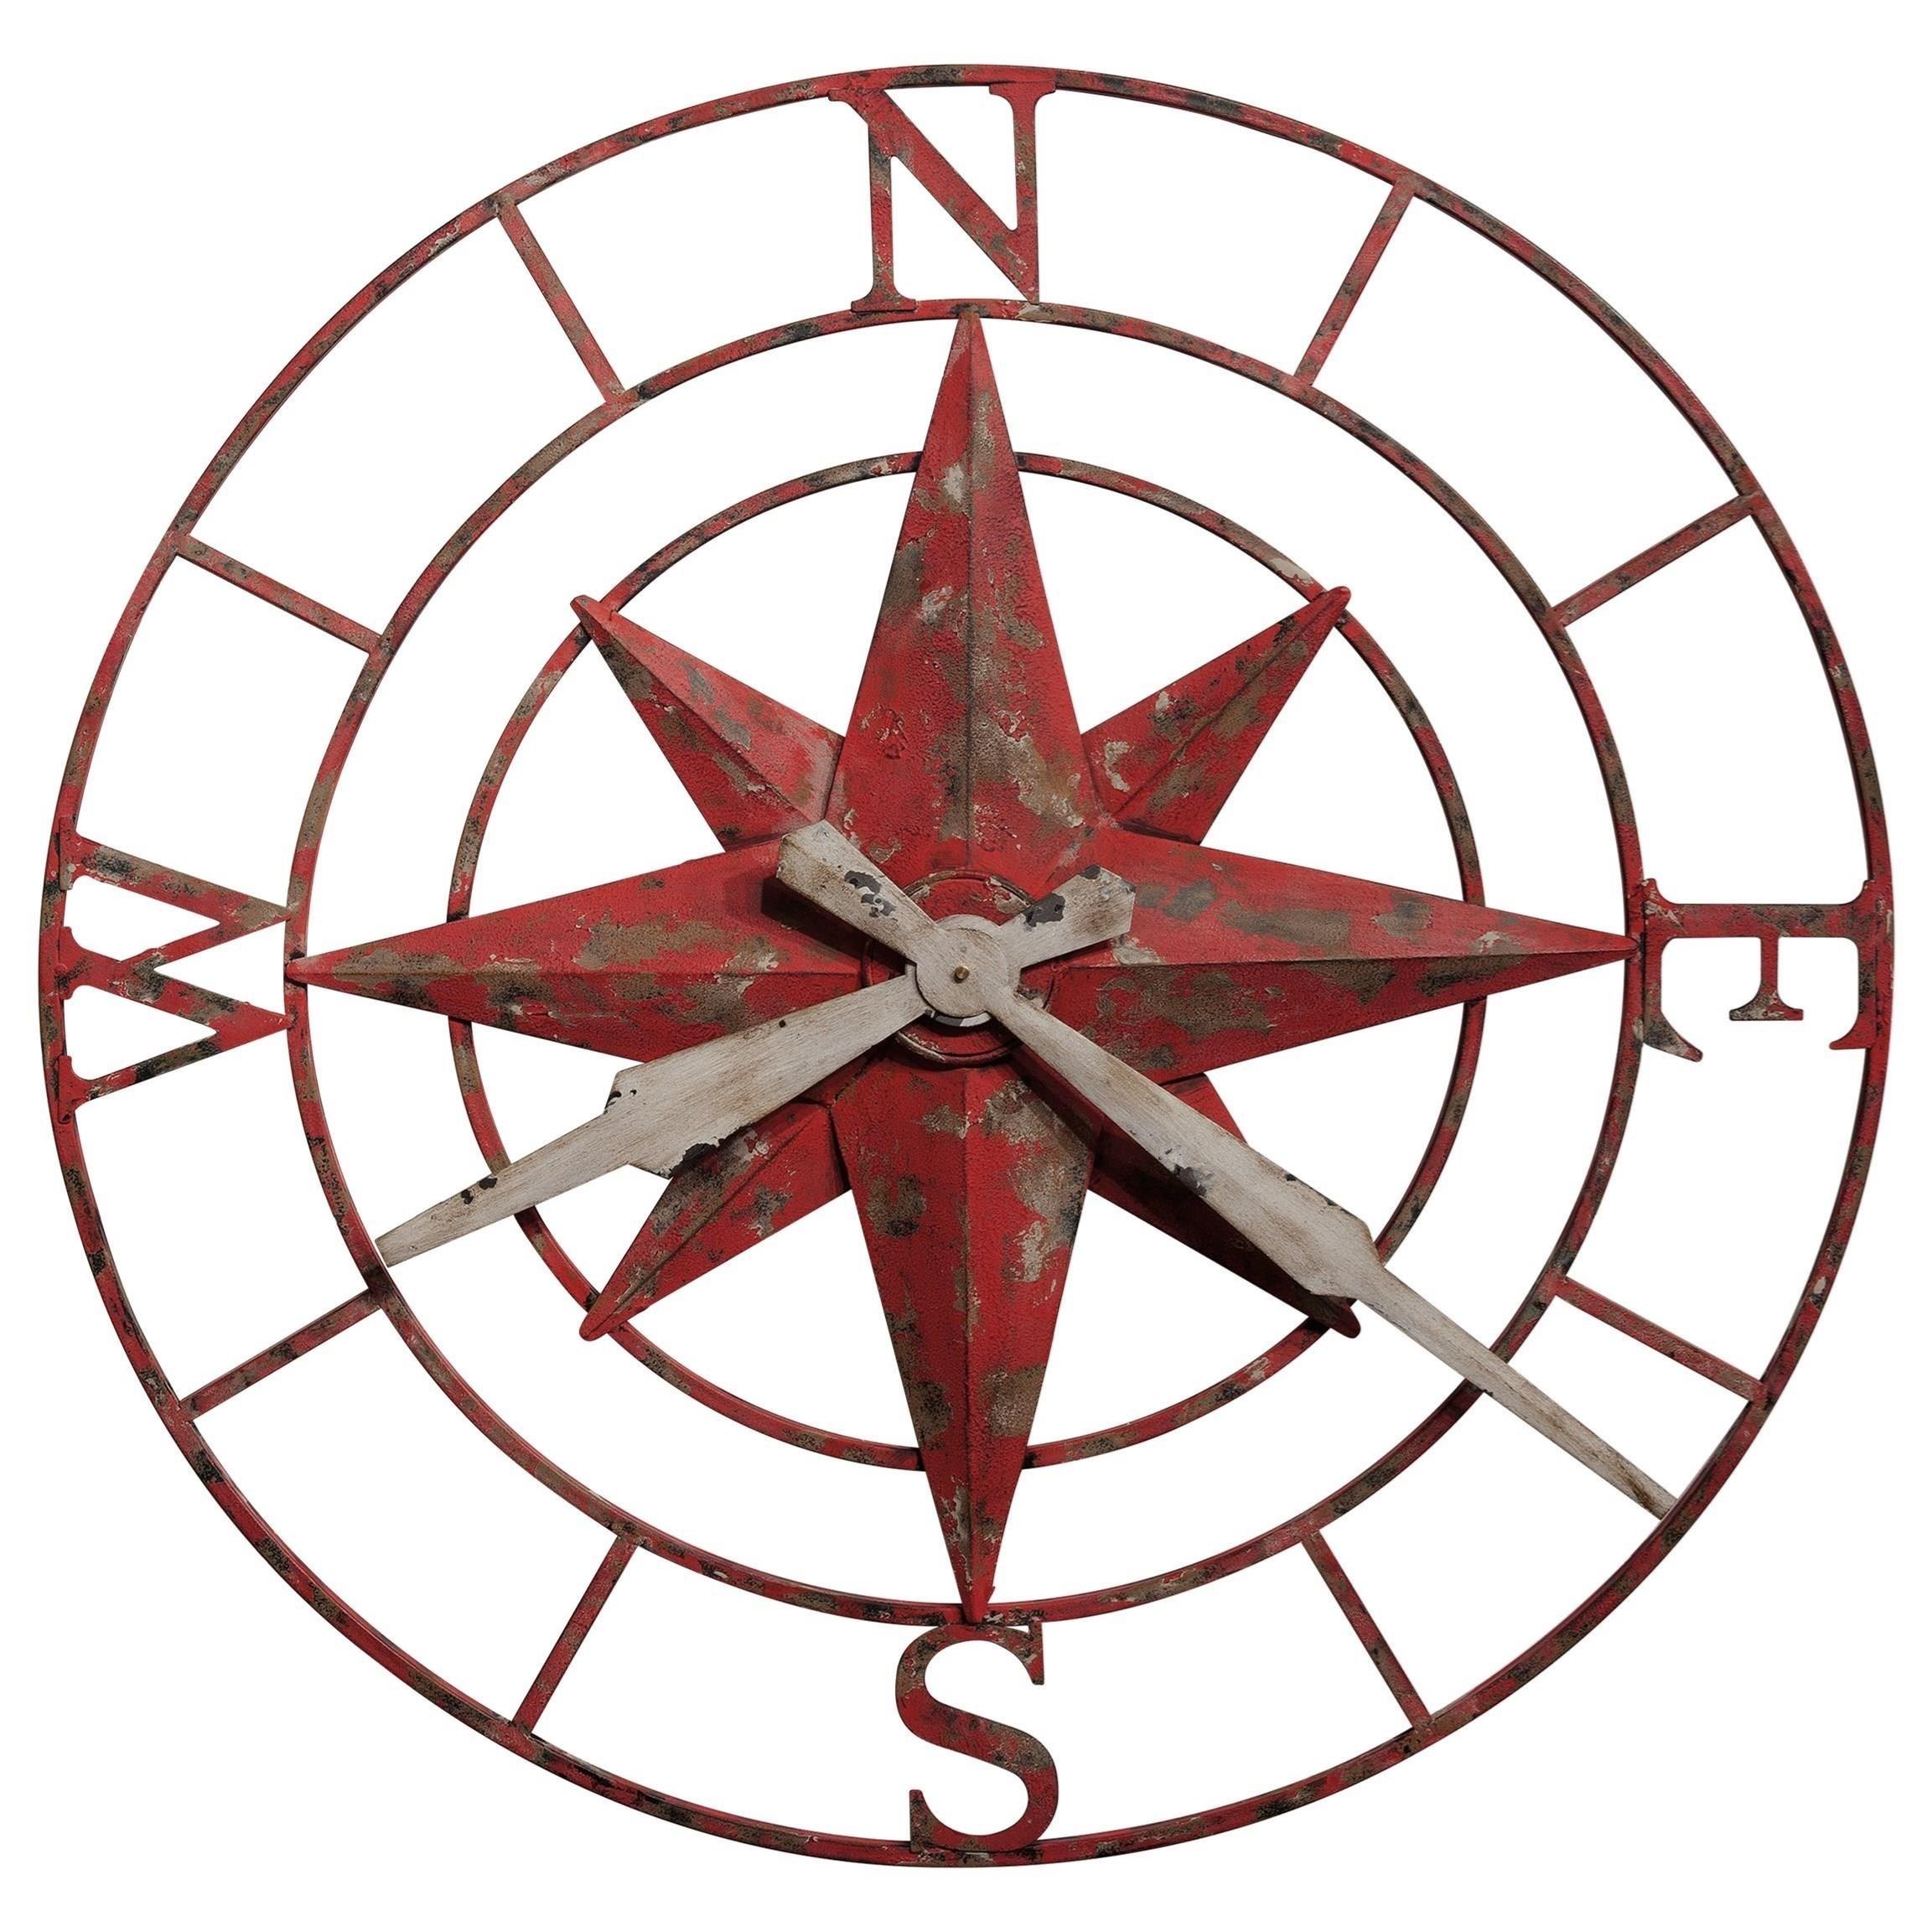 2305x2305 Howard Miller Wall Clocks Compass Rose Wall Clock Homeworld